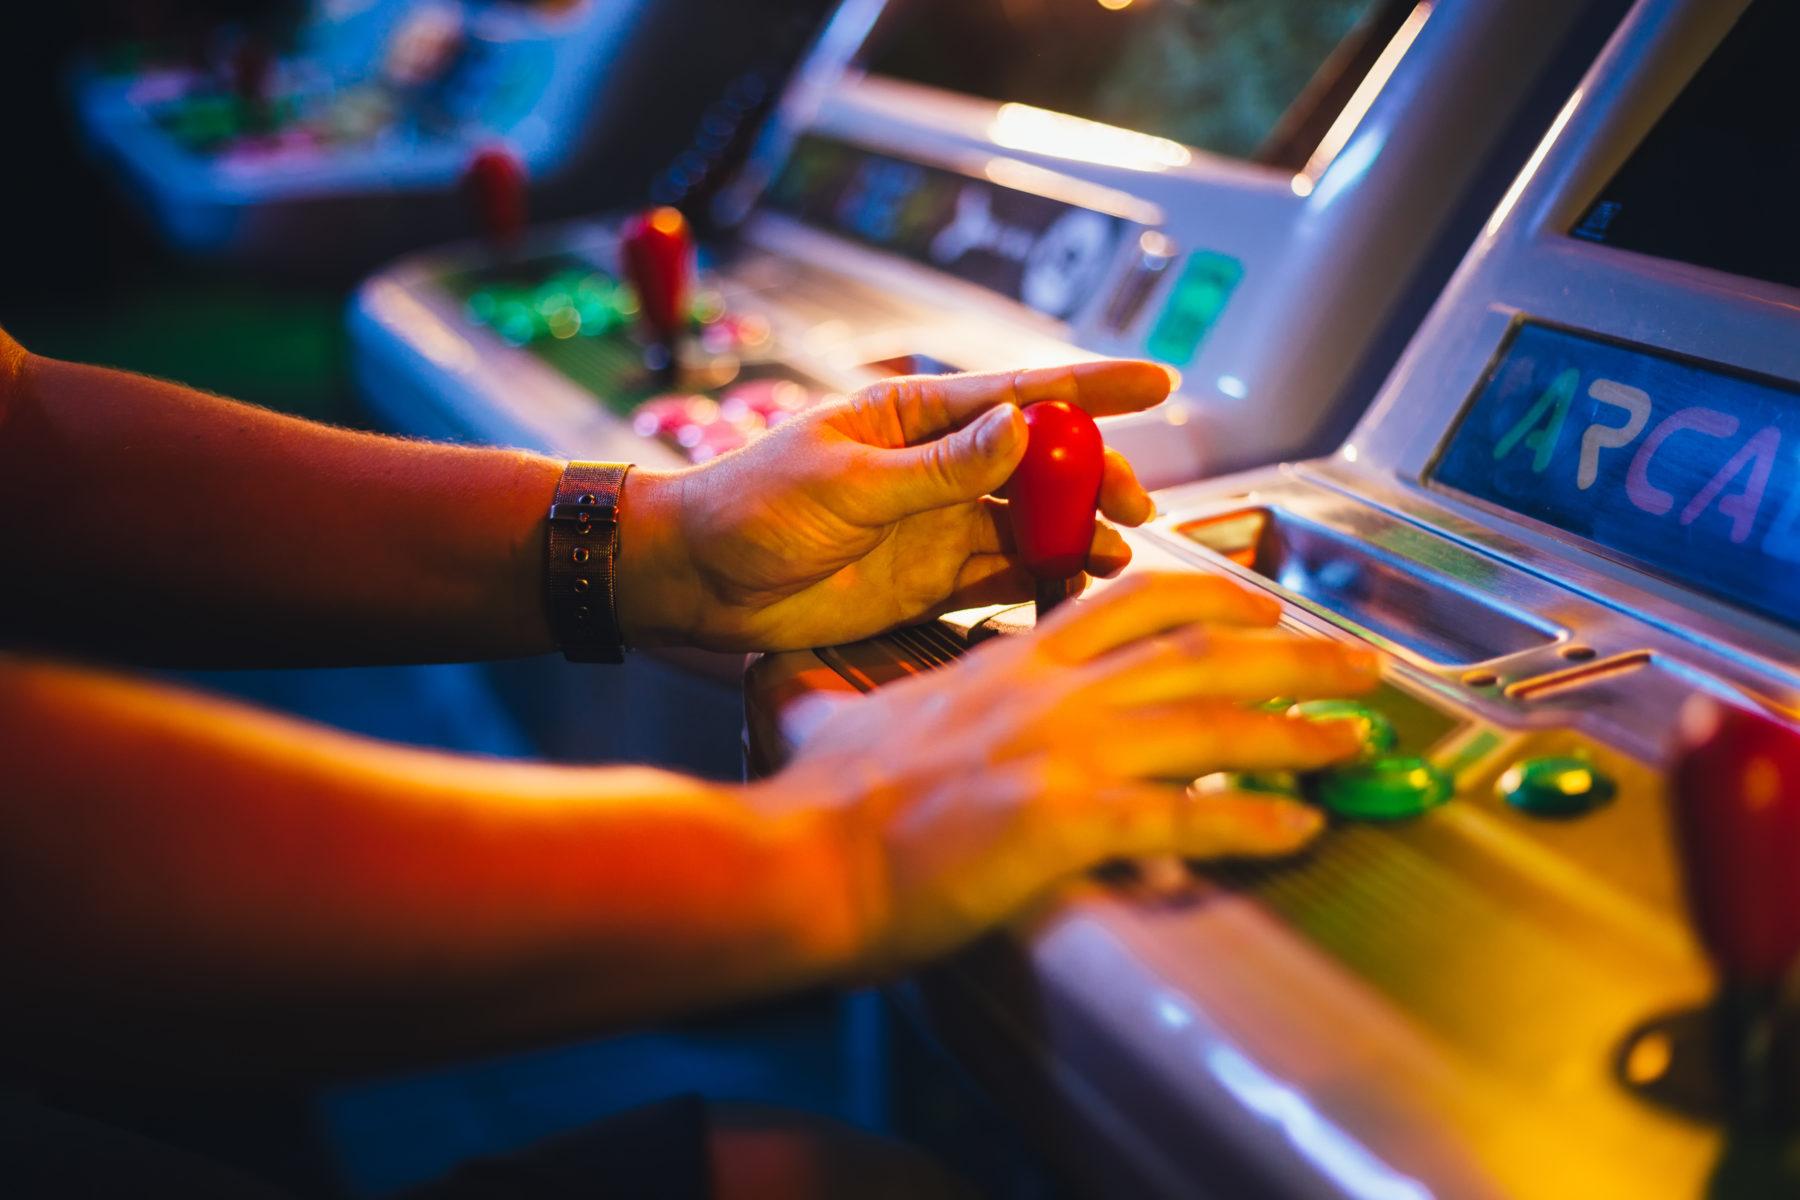 Man playing arcade games